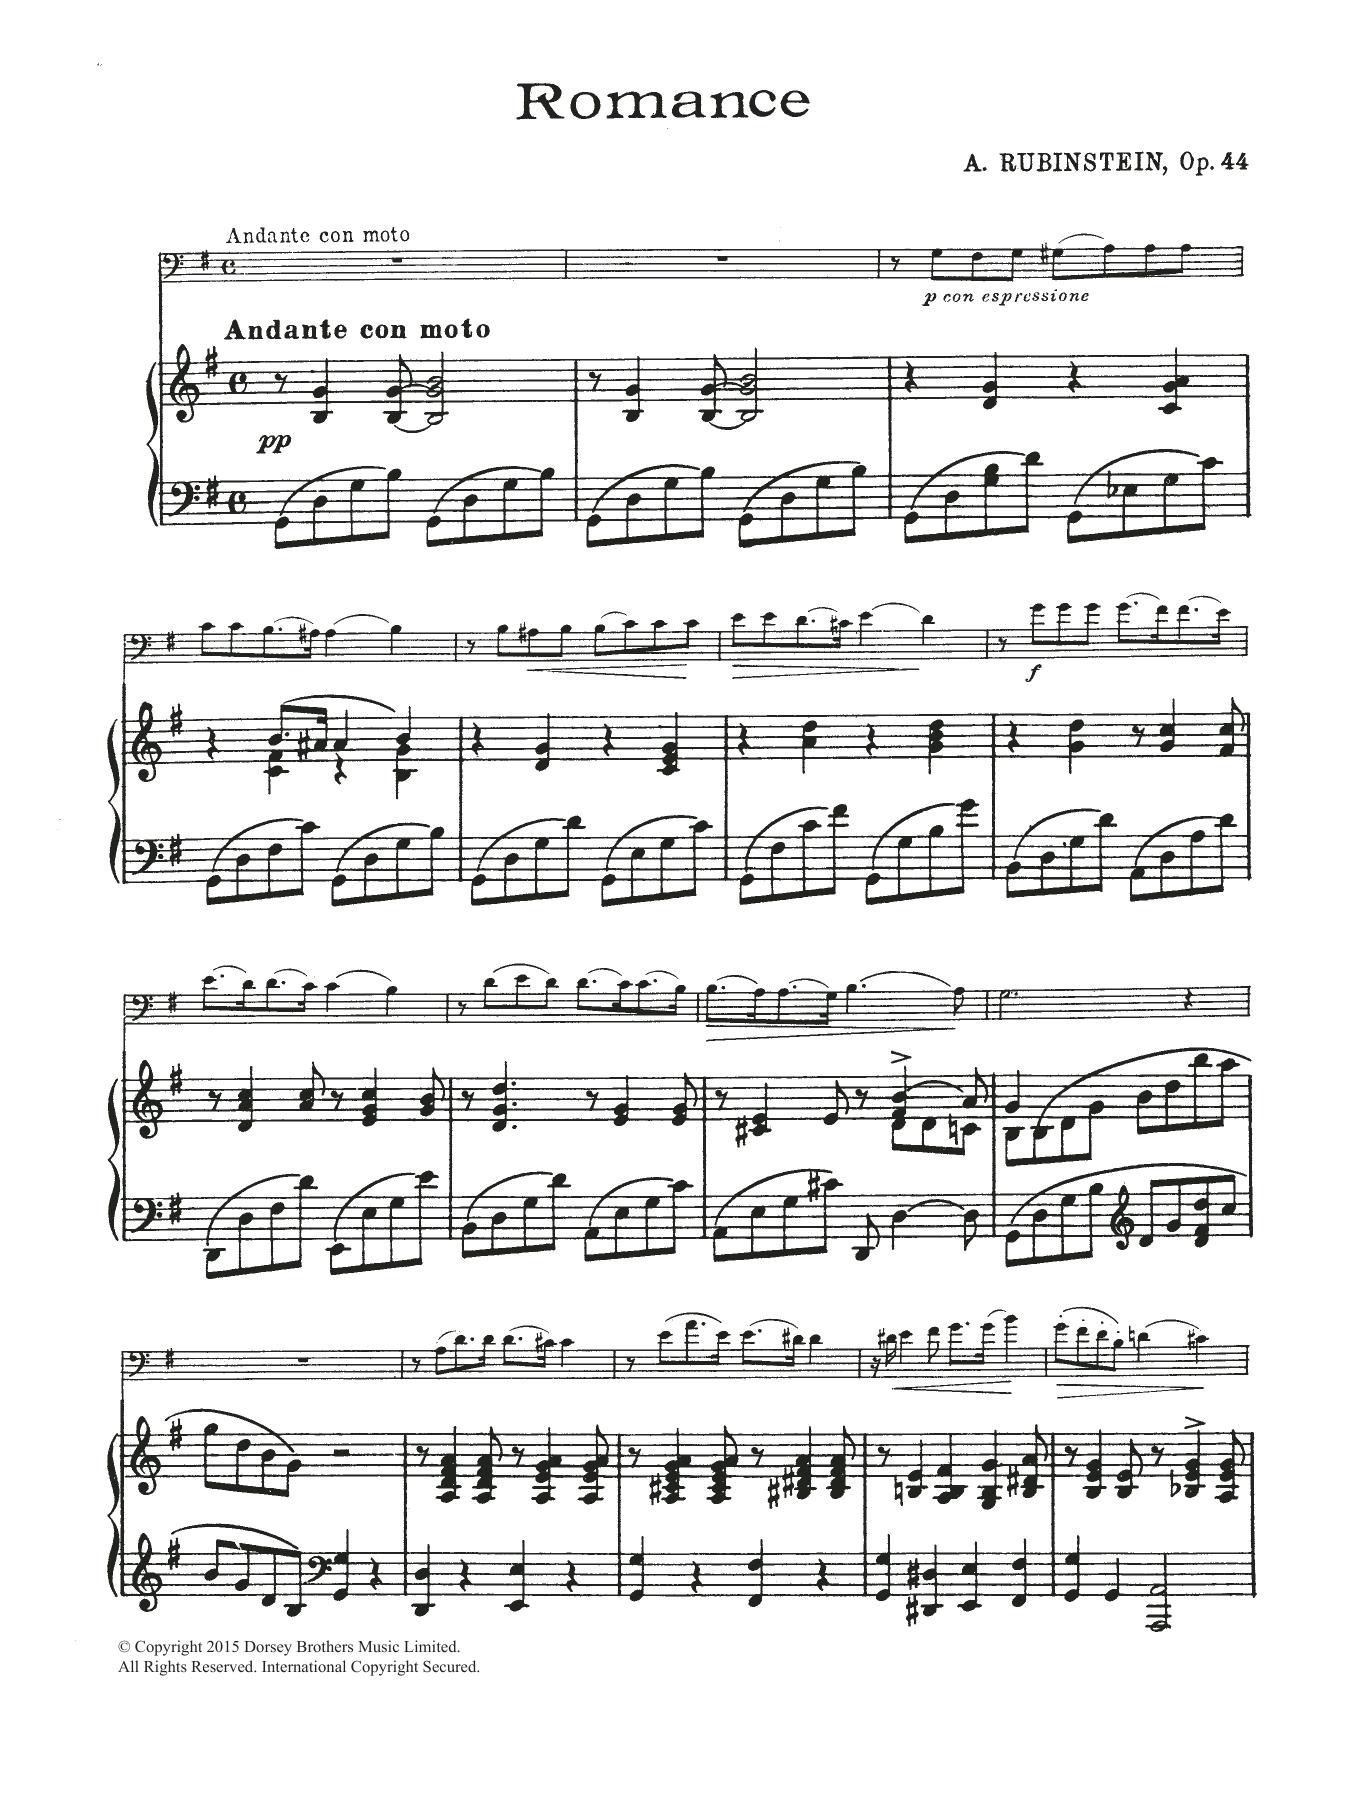 Romance, Op.44 No. 1 Sheet Music